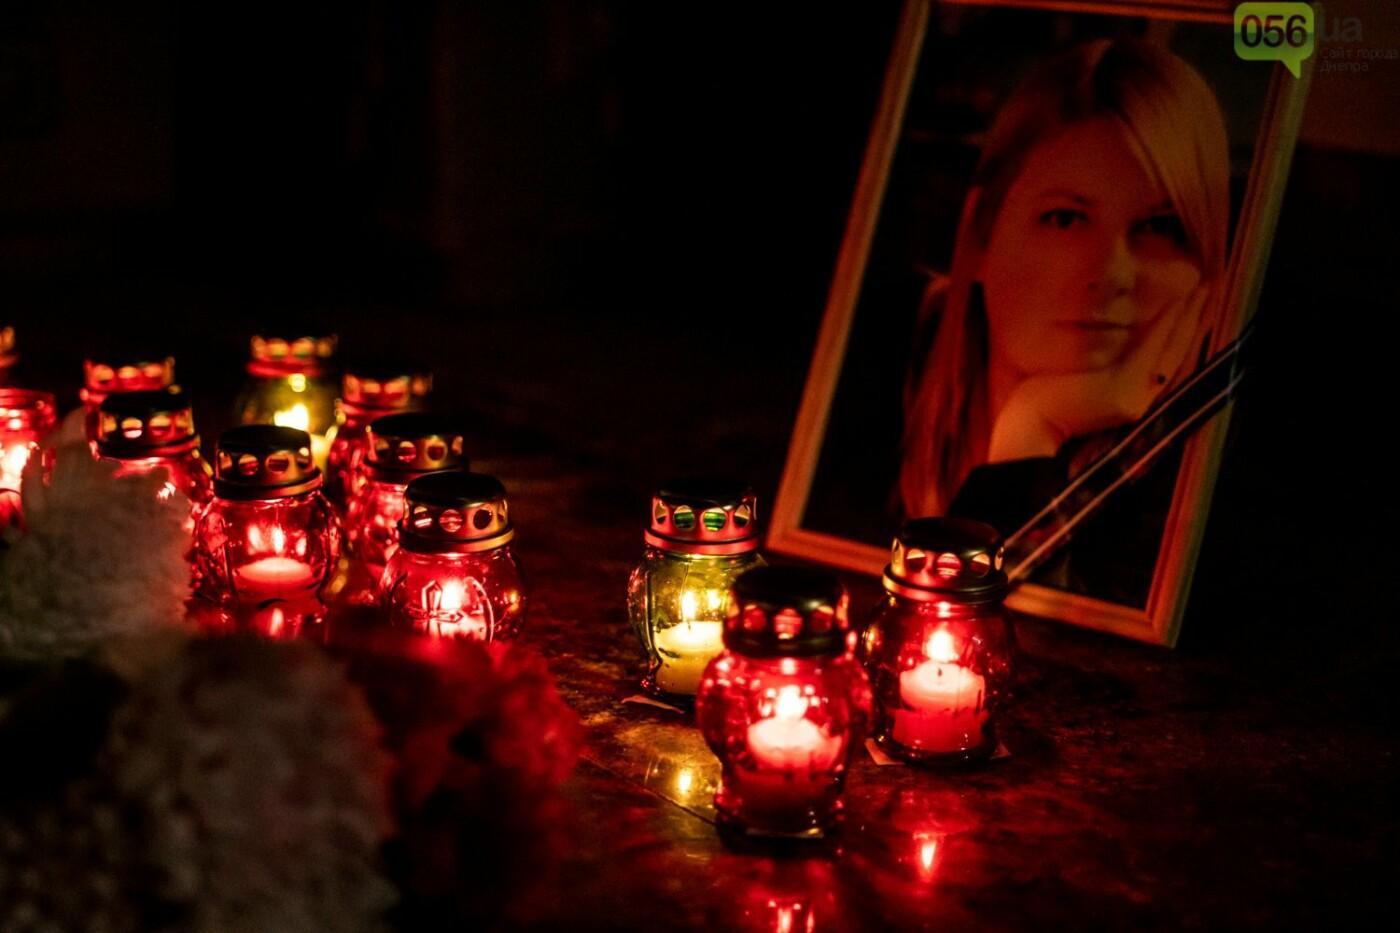 «Чтобы полиция передала «привет» на Киев»: в Днепре прошел вечер памяти погибшей активистки Кати Гандзюк, - ФОТО, ВИДЕО, фото-1